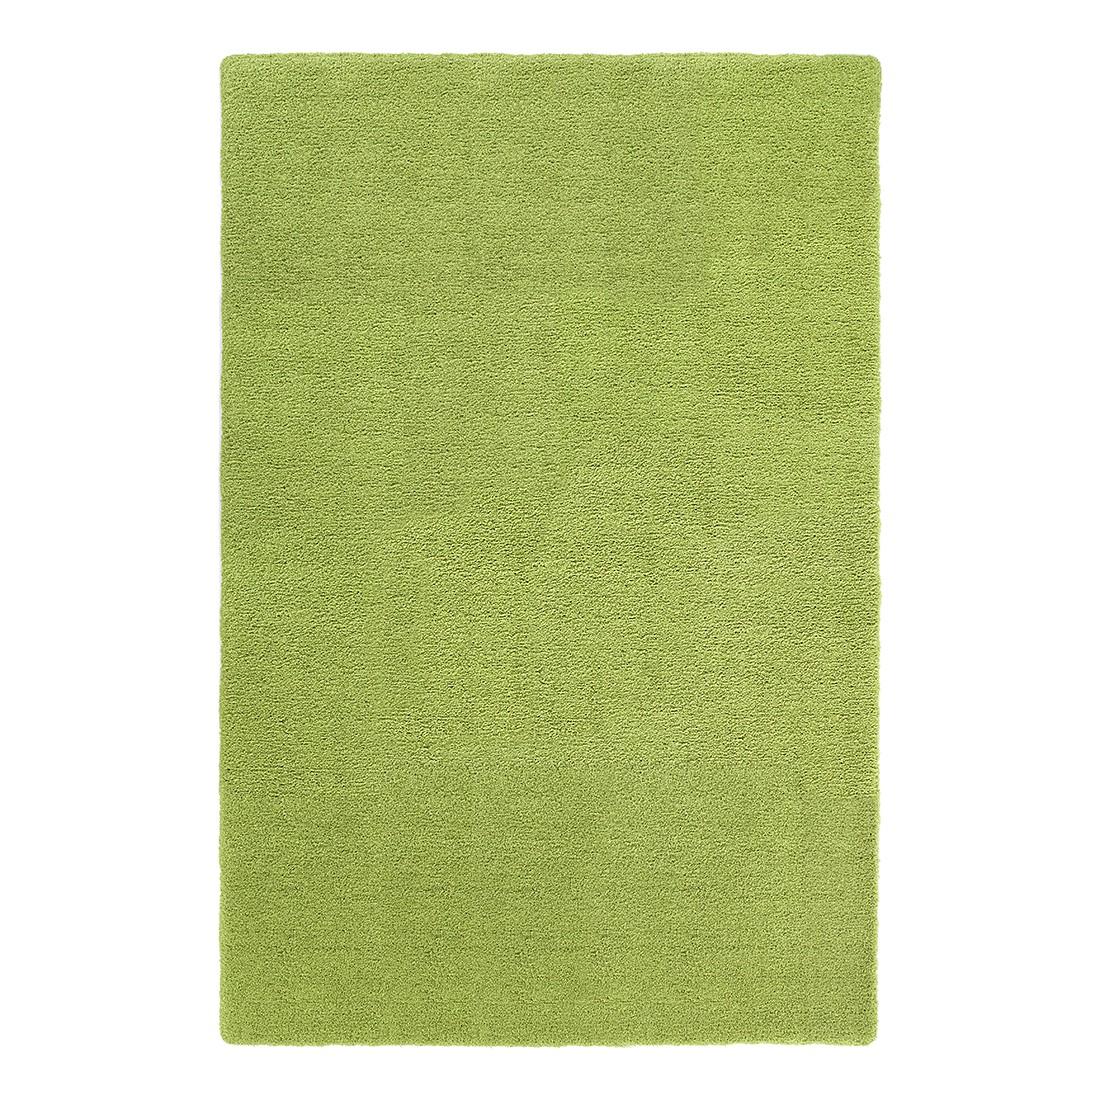 Teppich Livorno – Grün – 170 x 240 cm, Astra online bestellen